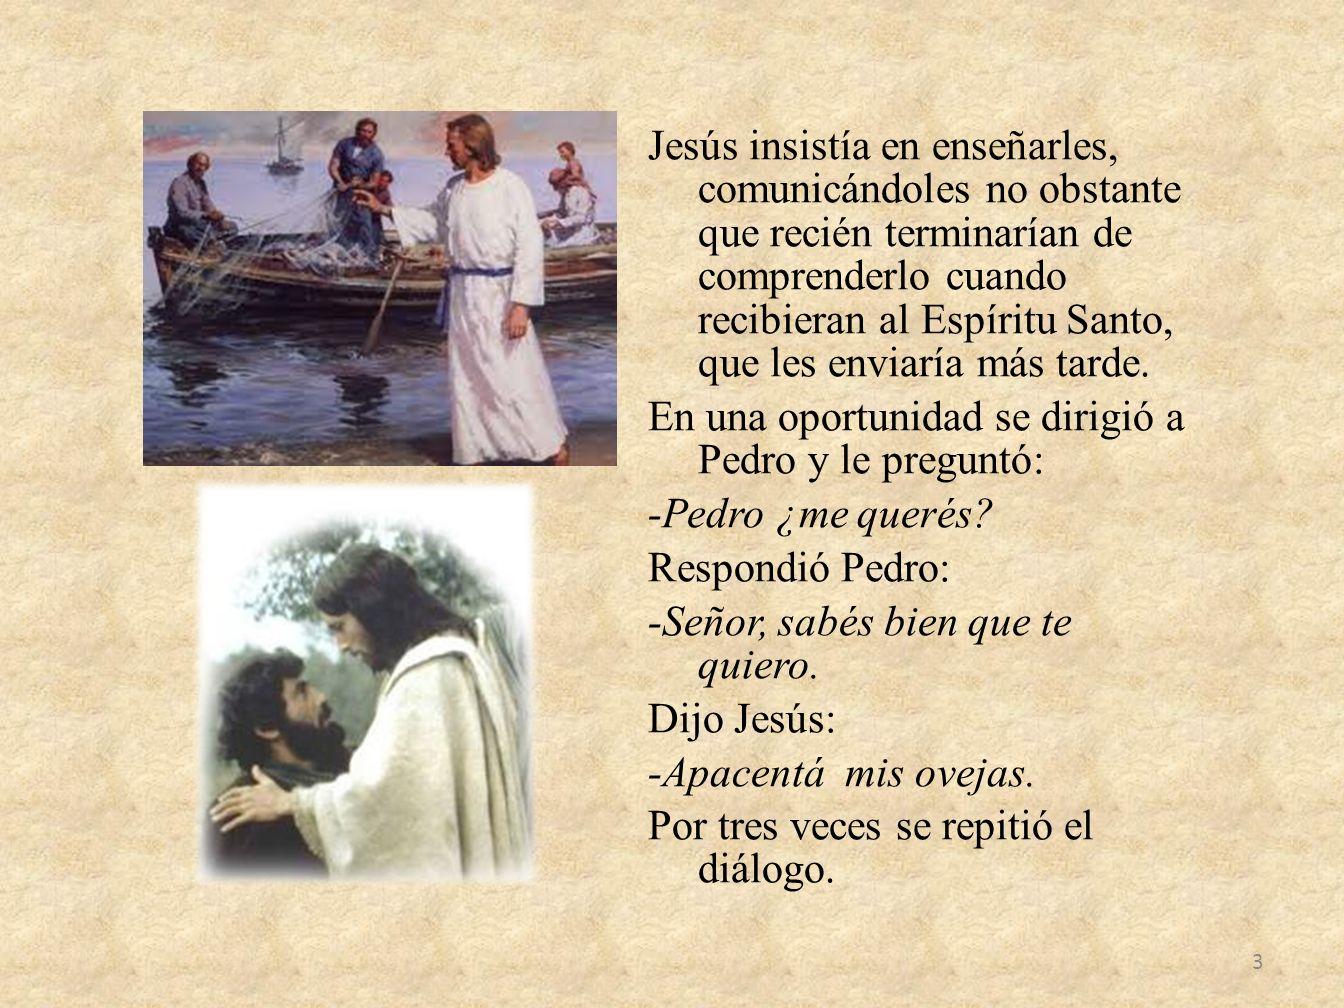 Jesús insistía en enseñarles, comunicándoles no obstante que recién terminarían de comprenderlo cuando recibieran al Espíritu Santo, que les enviaría más tarde.